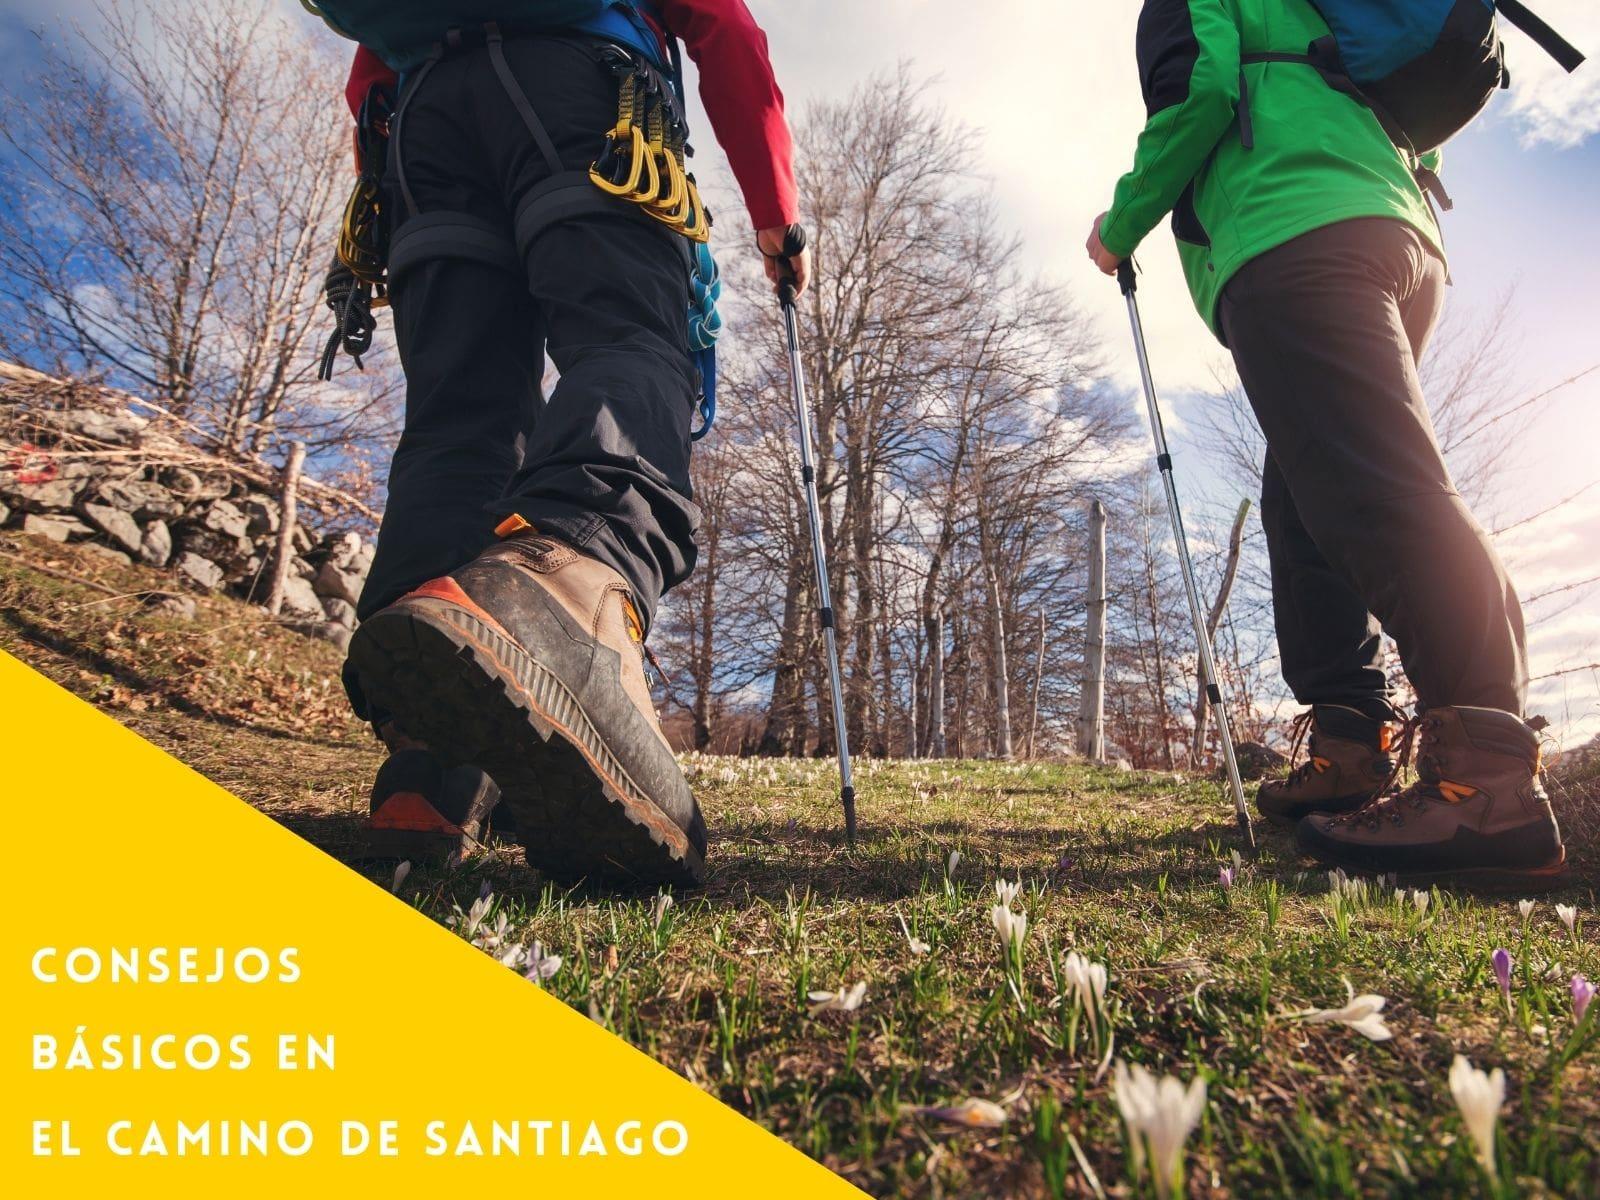 Consejos básicos en el Camino de Santiago